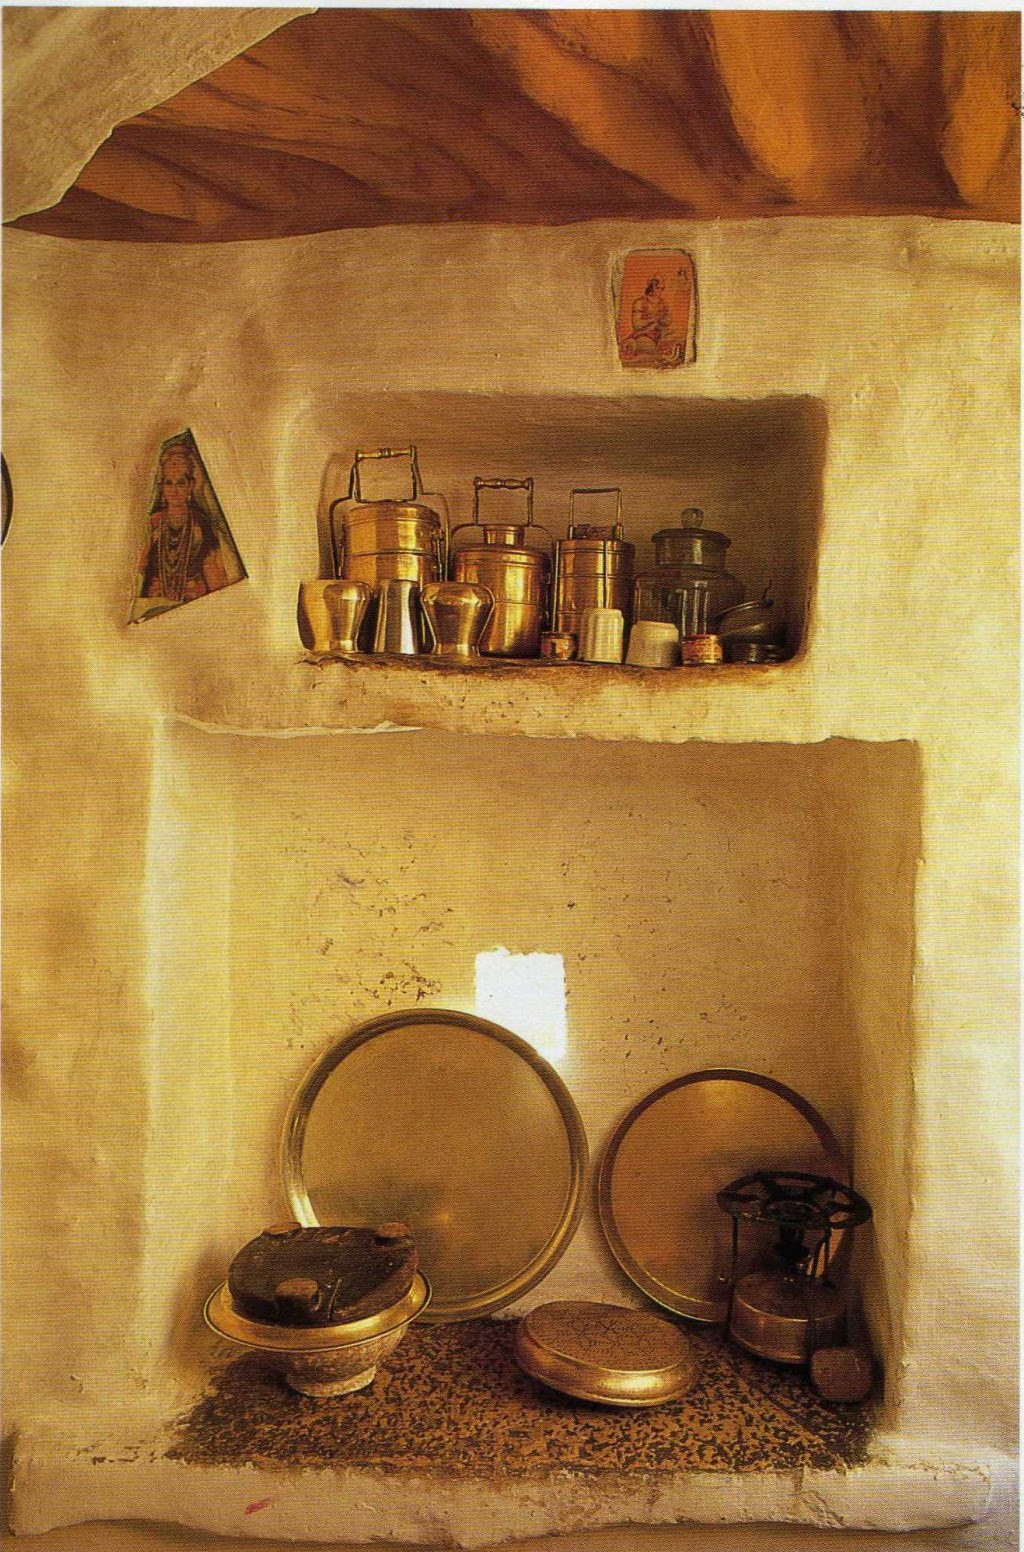 Saffron And Silk Interior Design In Rural India